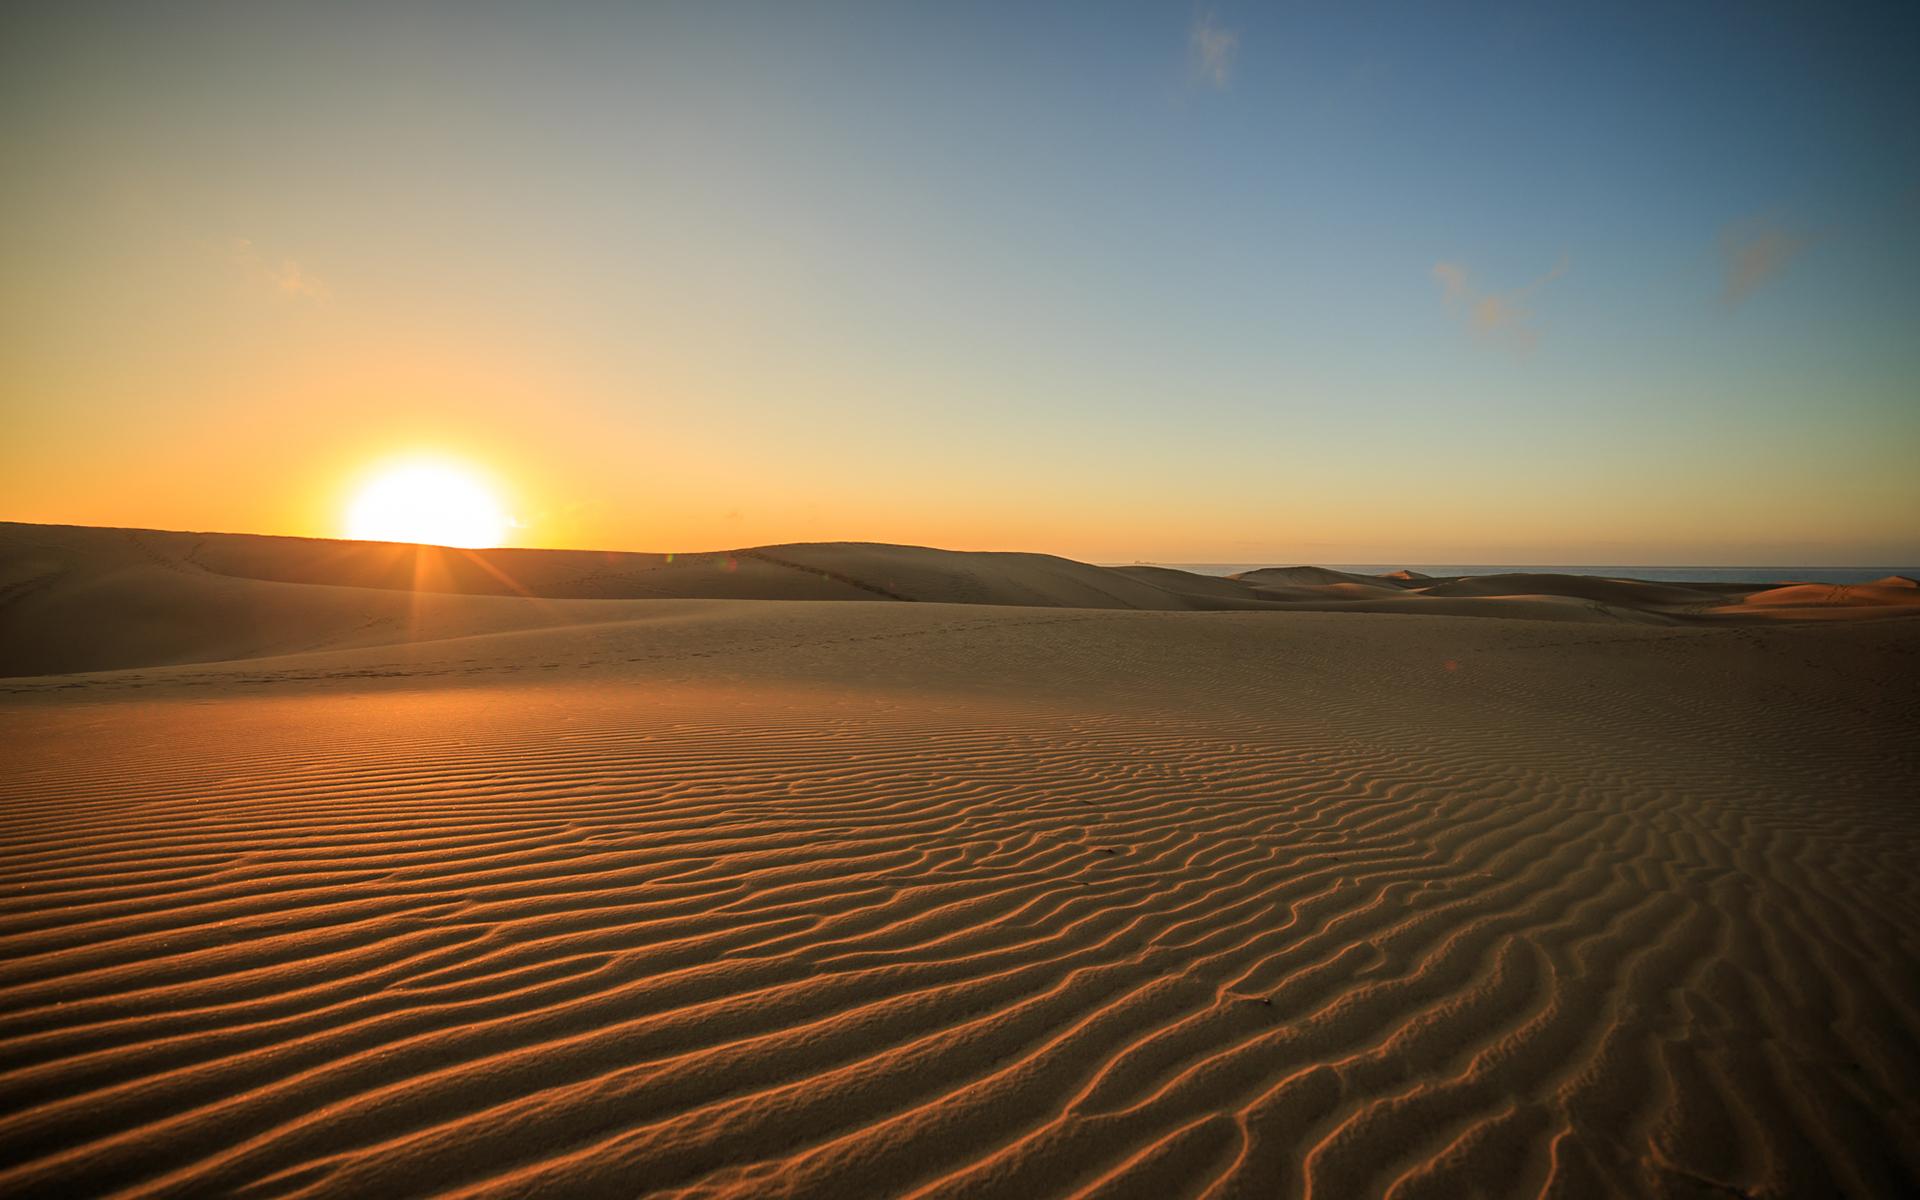 Desert Sunset Sunlight wallpaper | 1920x1200 | 74617 ...